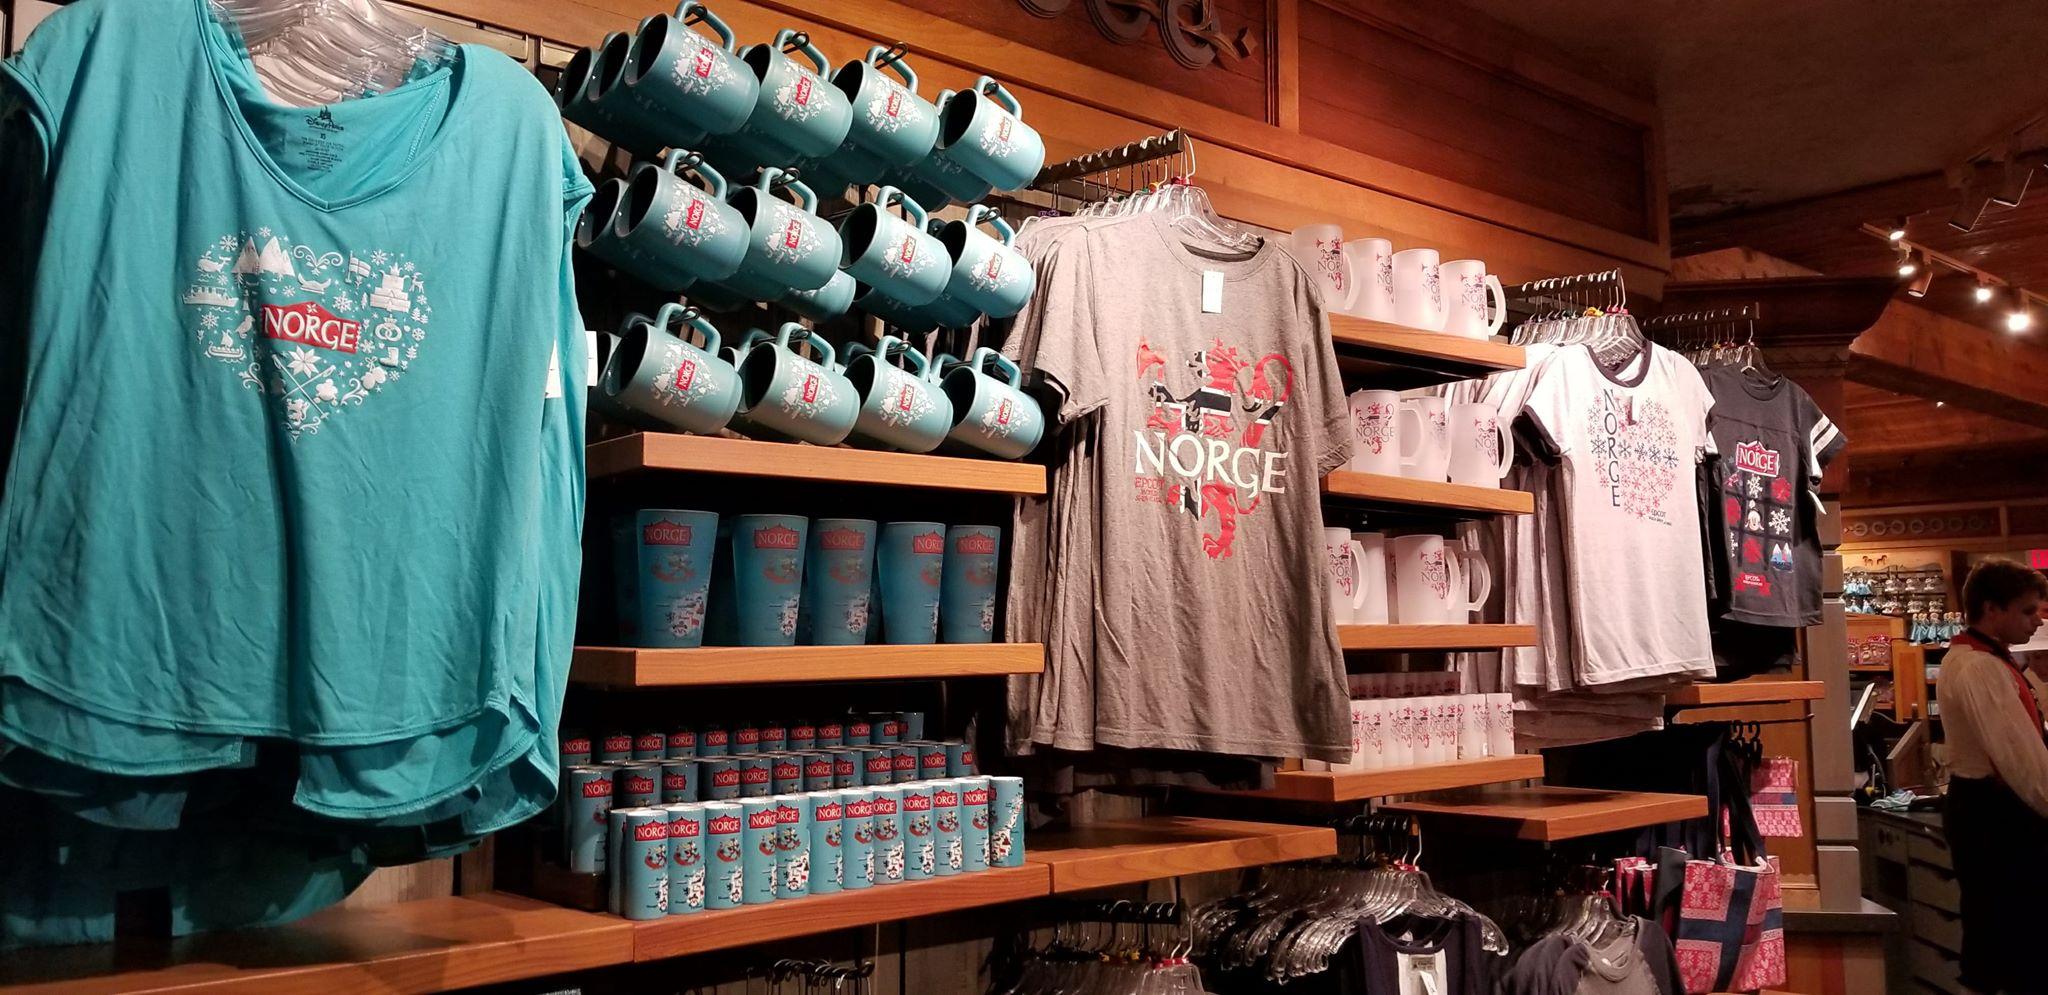 Norway Merchandise